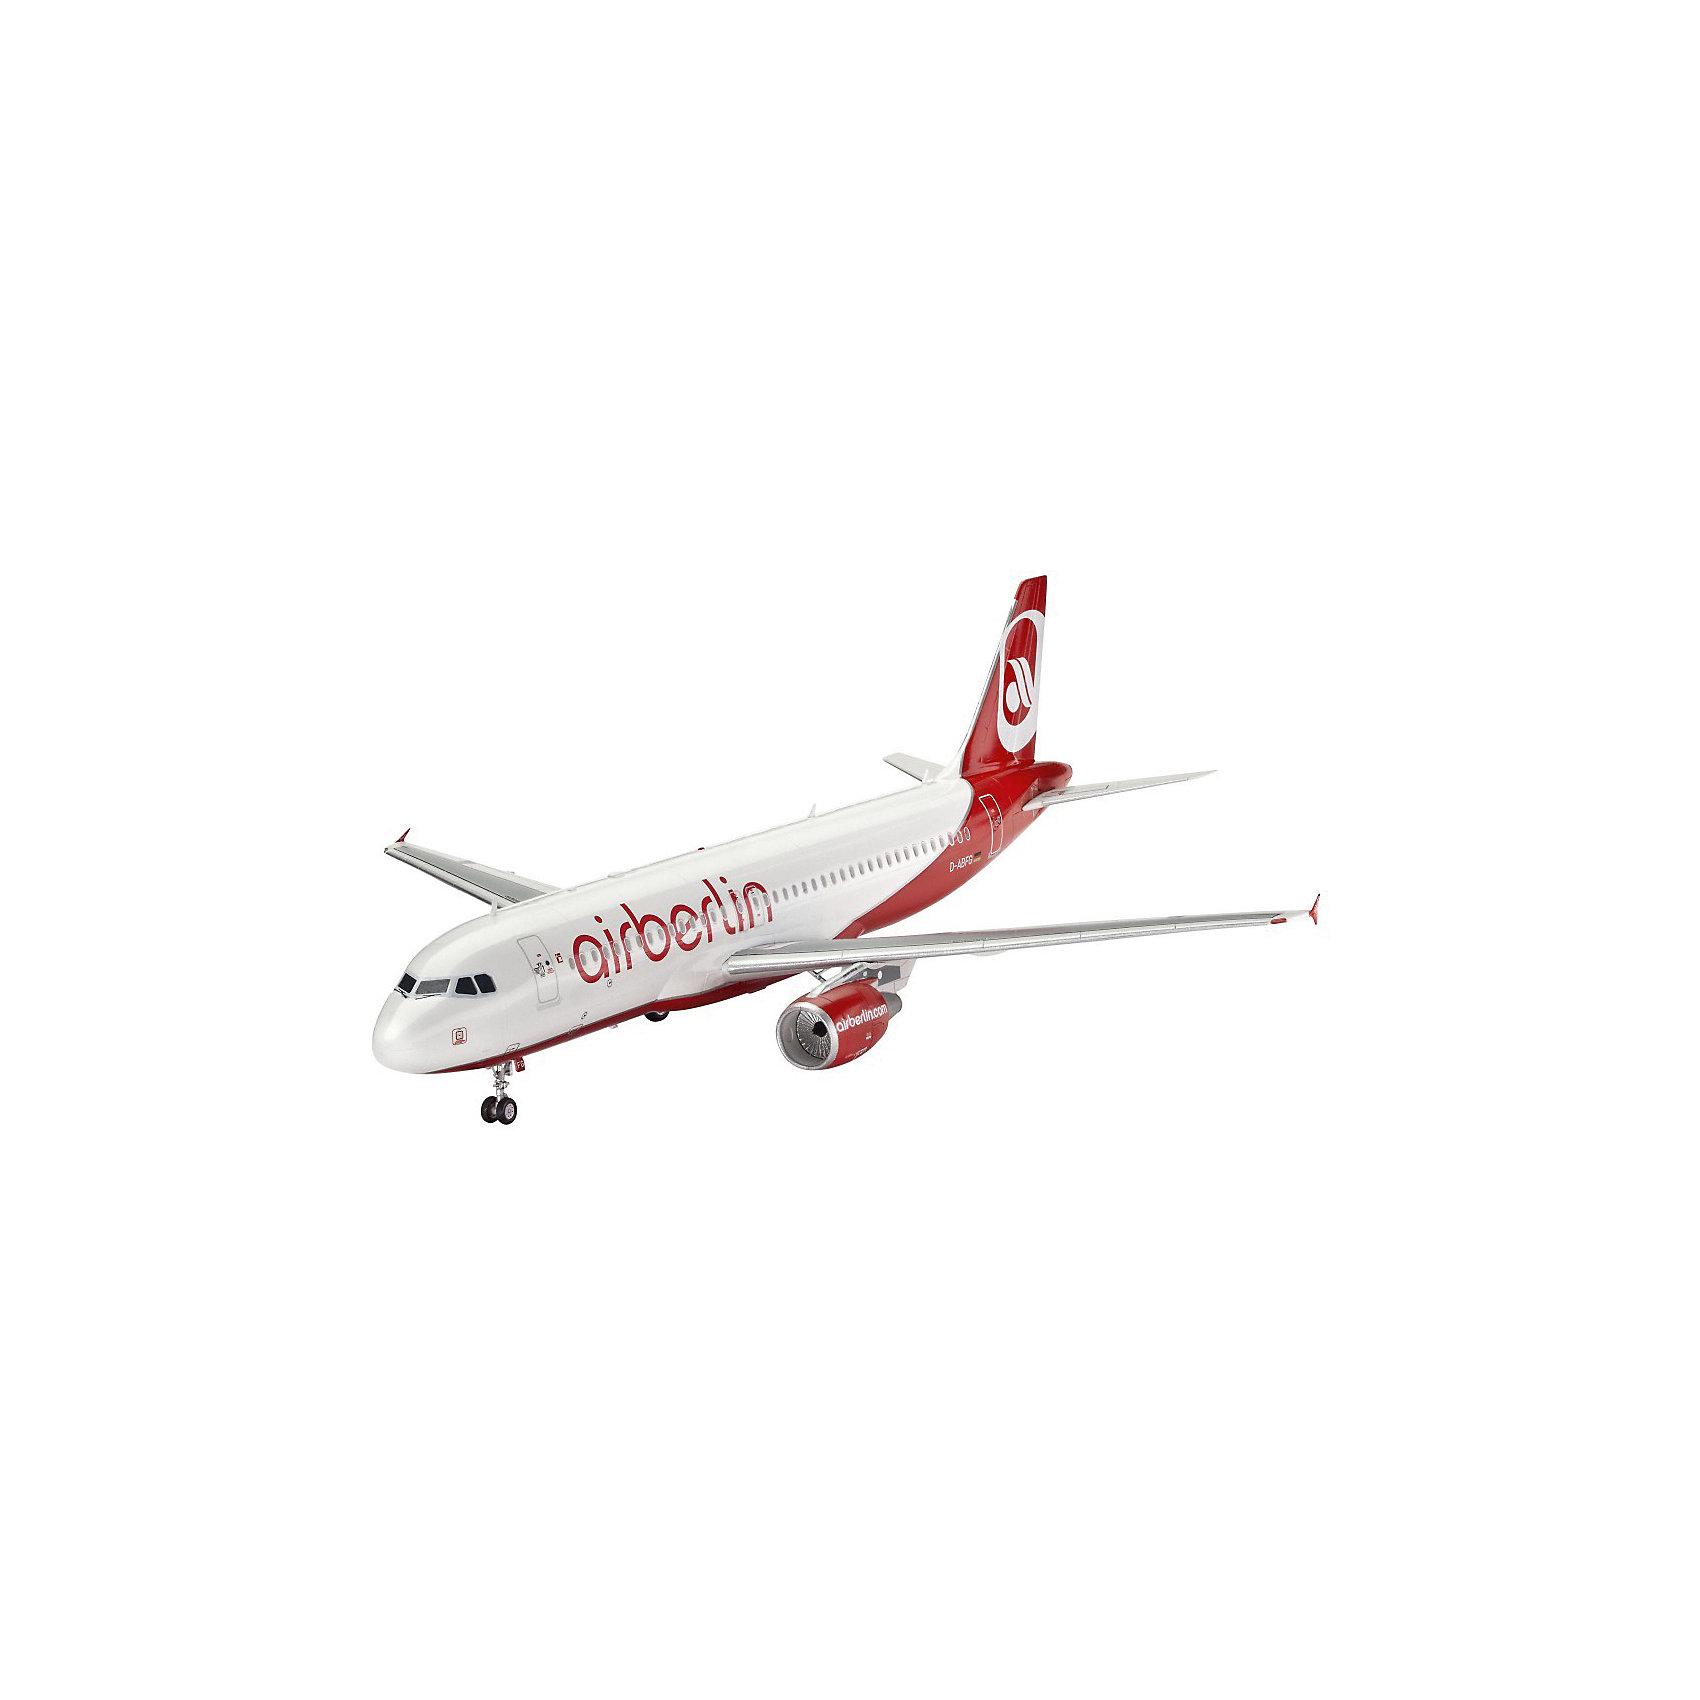 Самолет Пассажирский Airbus A320 AirBerlinМодели для склеивания<br>Характеристики товара:<br><br>• возраст: от 10 лет;<br>• цвет: белый;<br>• масштаб: 1:144;<br>• количество деталей: 60 шт;<br>• материал: пластик;<br>• клей и краски в комплект не входят;<br>• длина модели: 26,1 см;<br>• размах крыльев: 23,5 см;<br>• бренд, страна бренда: Revell (Ревел), Германия;<br>• страна-изготовитель: Польша.<br><br>Сборная модель для склеивания «Самолет Пассажирский Airbus A320 AirBerlin» поможет вам и вашему ребенку придумать увлекательное занятие на долгое время. <br><br>Набор включает в себя 60 пластиковых элемента, из которых можно собрать достоверную уменьшенную копию одноименного самолета. Также в наборе схематичная инструкция по сборке. <br><br>Airbus A320 - семейство узкофюзеляжных самолётов для авиалиний малой и средней протяжённости. Первый самолет был выпущен в 1988 году. Сейчас в эксплуатации находятся 5327 машин.<br> <br>Процесс сборки развивает интеллектуальные и инструментальные способности, воображение и конструктивное мышление, а также прививает практические навыки работы со схемами и чертежами. <br><br>Обращаем ваше внимание на тот факт, что для сборки этой модели клей и краски в комплект не входят. <br><br>Сборную модель для склеивания «Самолет Пассажирский Airbus A320 AirBerlin», 60 дет., Revell (Ревел) можно купить в нашем интернет-магазине.<br><br>Ширина мм: 354<br>Глубина мм: 213<br>Высота мм: 48<br>Вес г: 237<br>Возраст от месяцев: 120<br>Возраст до месяцев: 180<br>Пол: Мужской<br>Возраст: Детский<br>SKU: 2594005